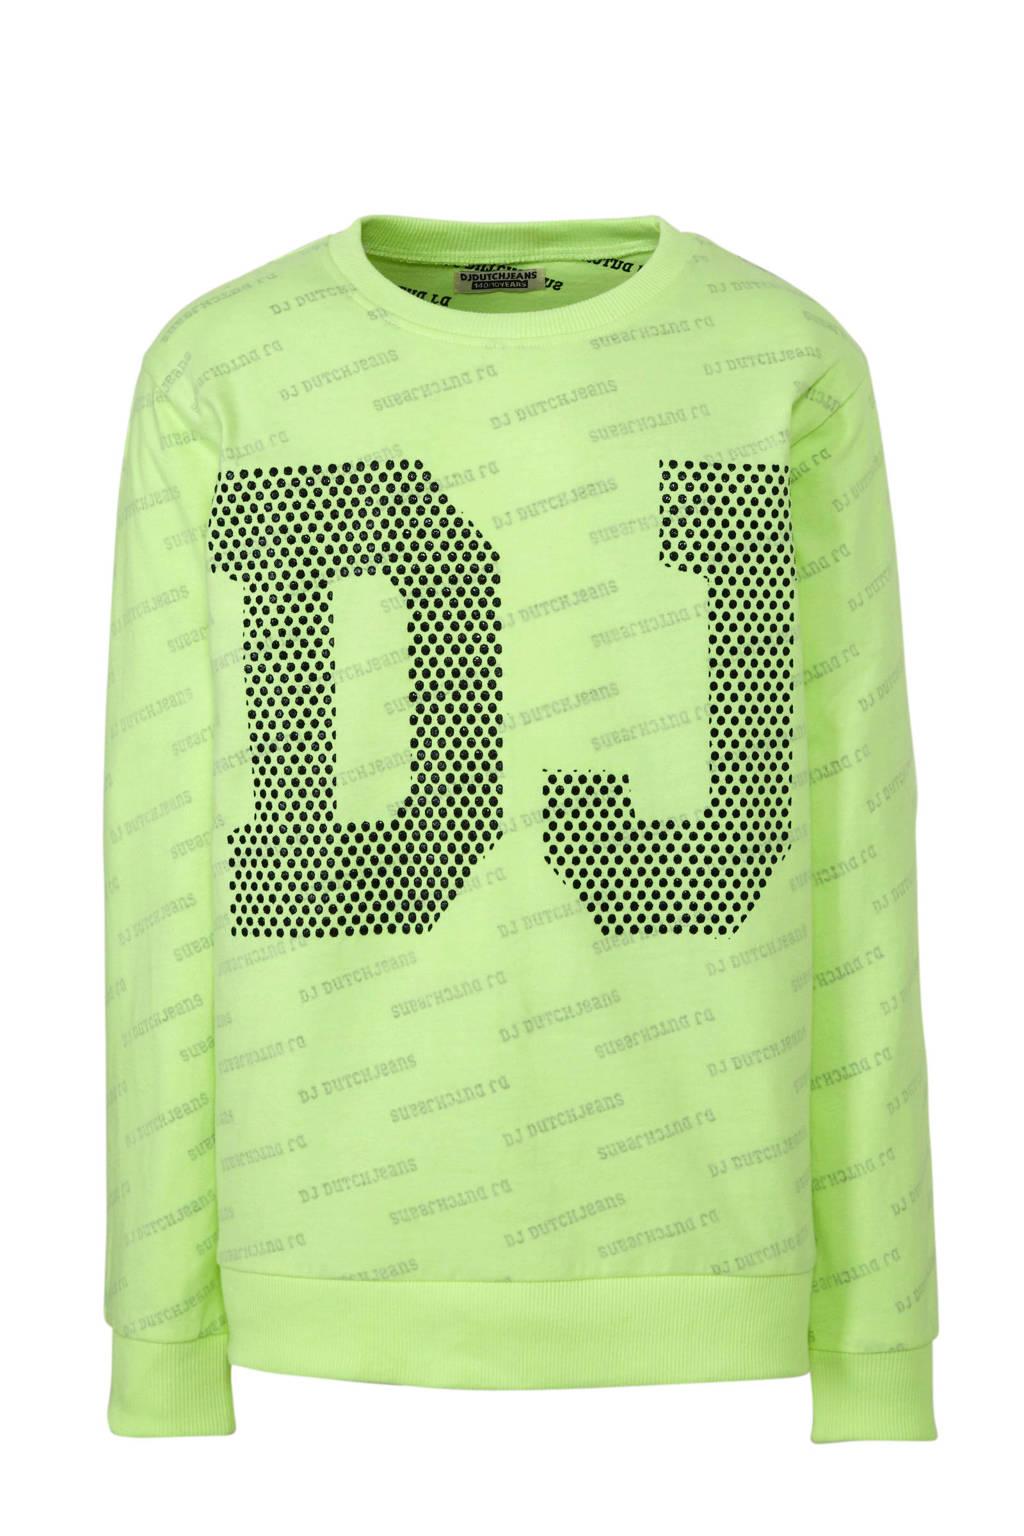 DJ Dutchjeans longsleeve met tekst neon geel/zwart, Neon geel/zwart